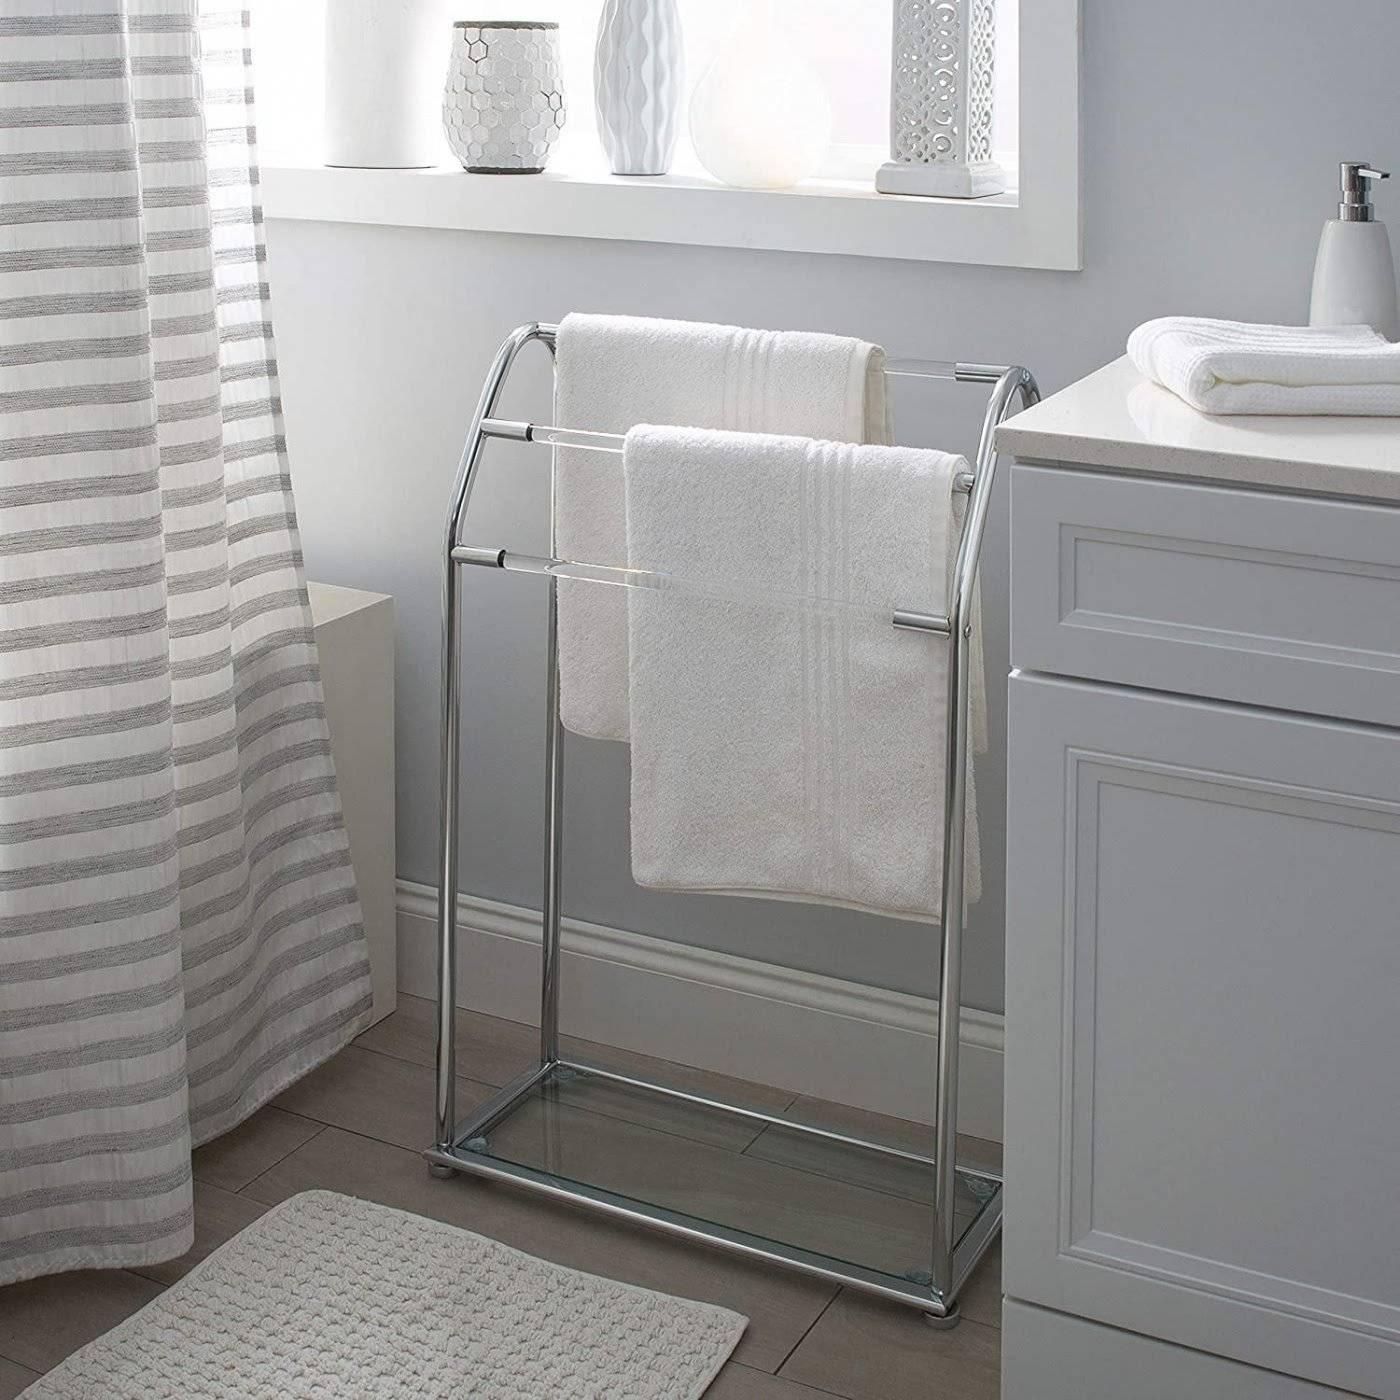 Ý tưởng lưu trữ khăn tắm thông minh giúp không gian vừa gọn gàng vừa sang trọng - Ảnh 8.